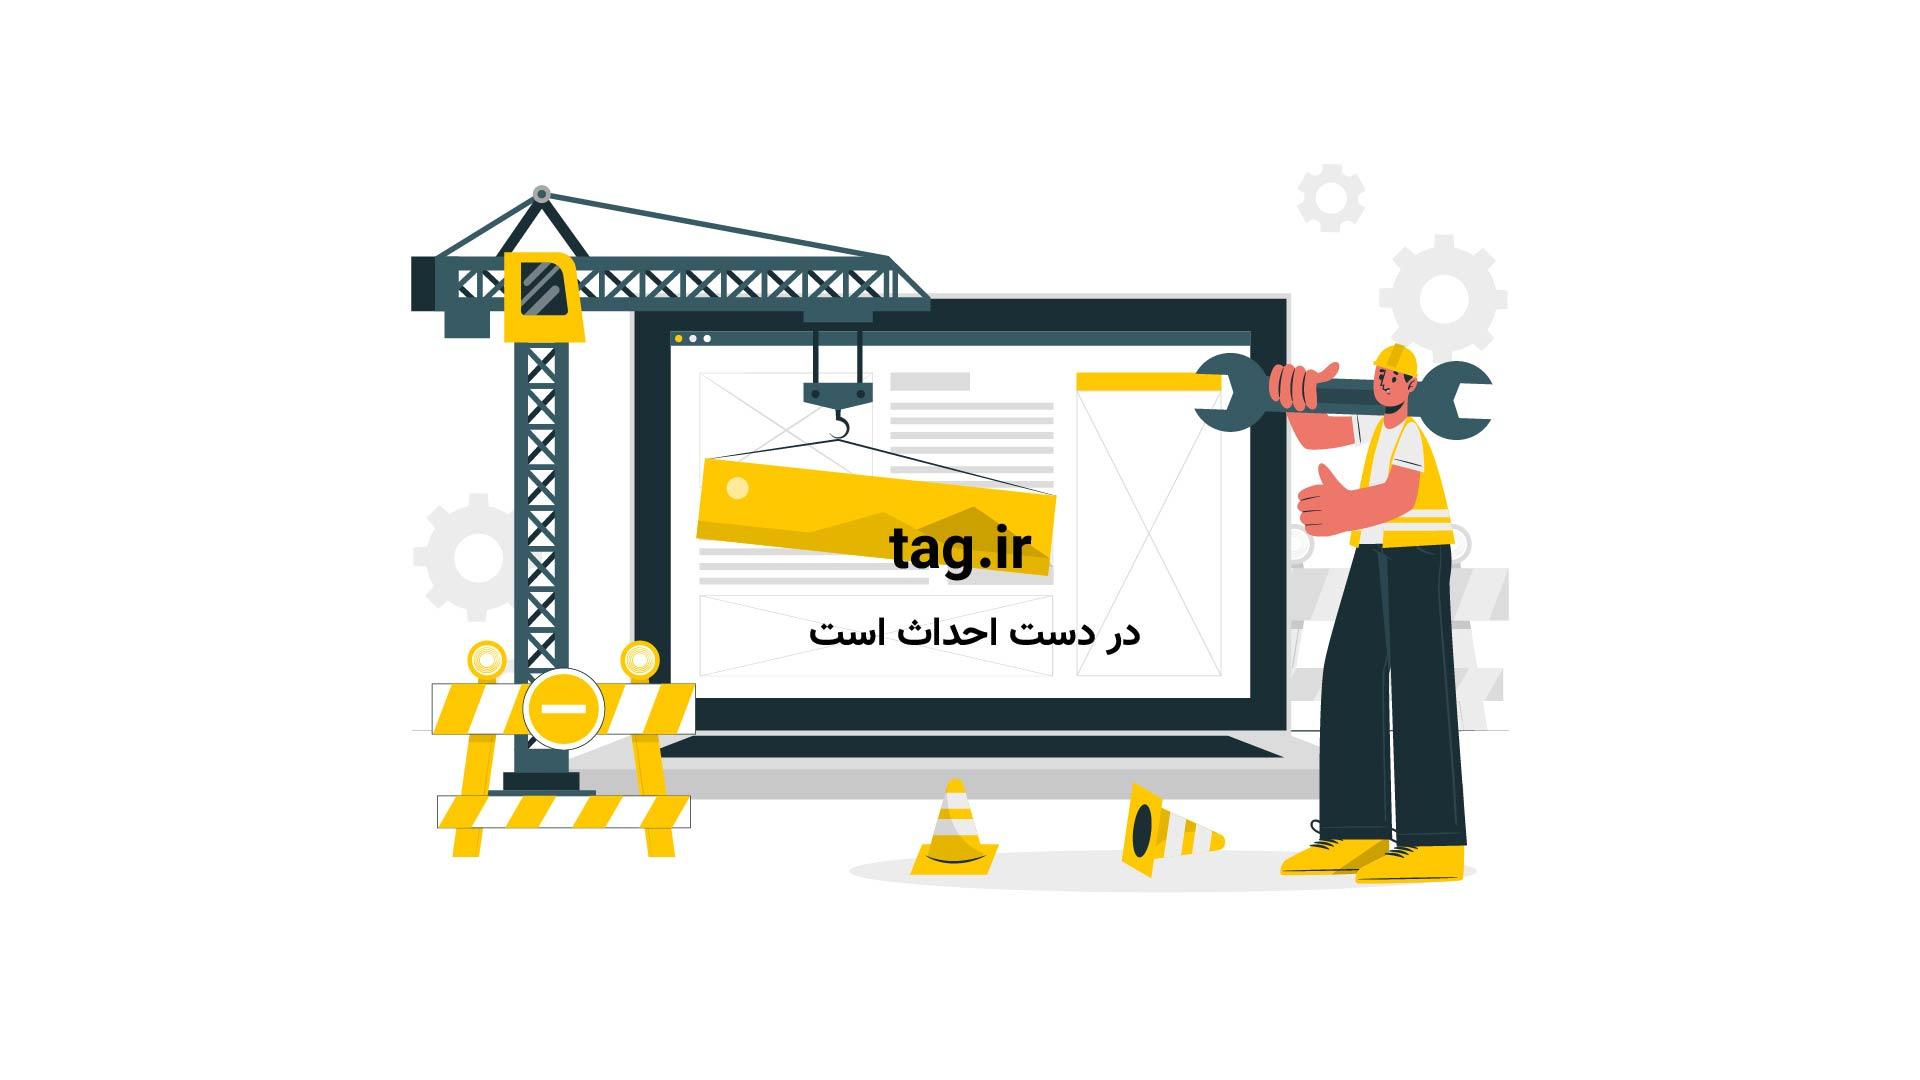 همزیستی جالب شیر، خرس و پلنگ در کنار هم | فیلم